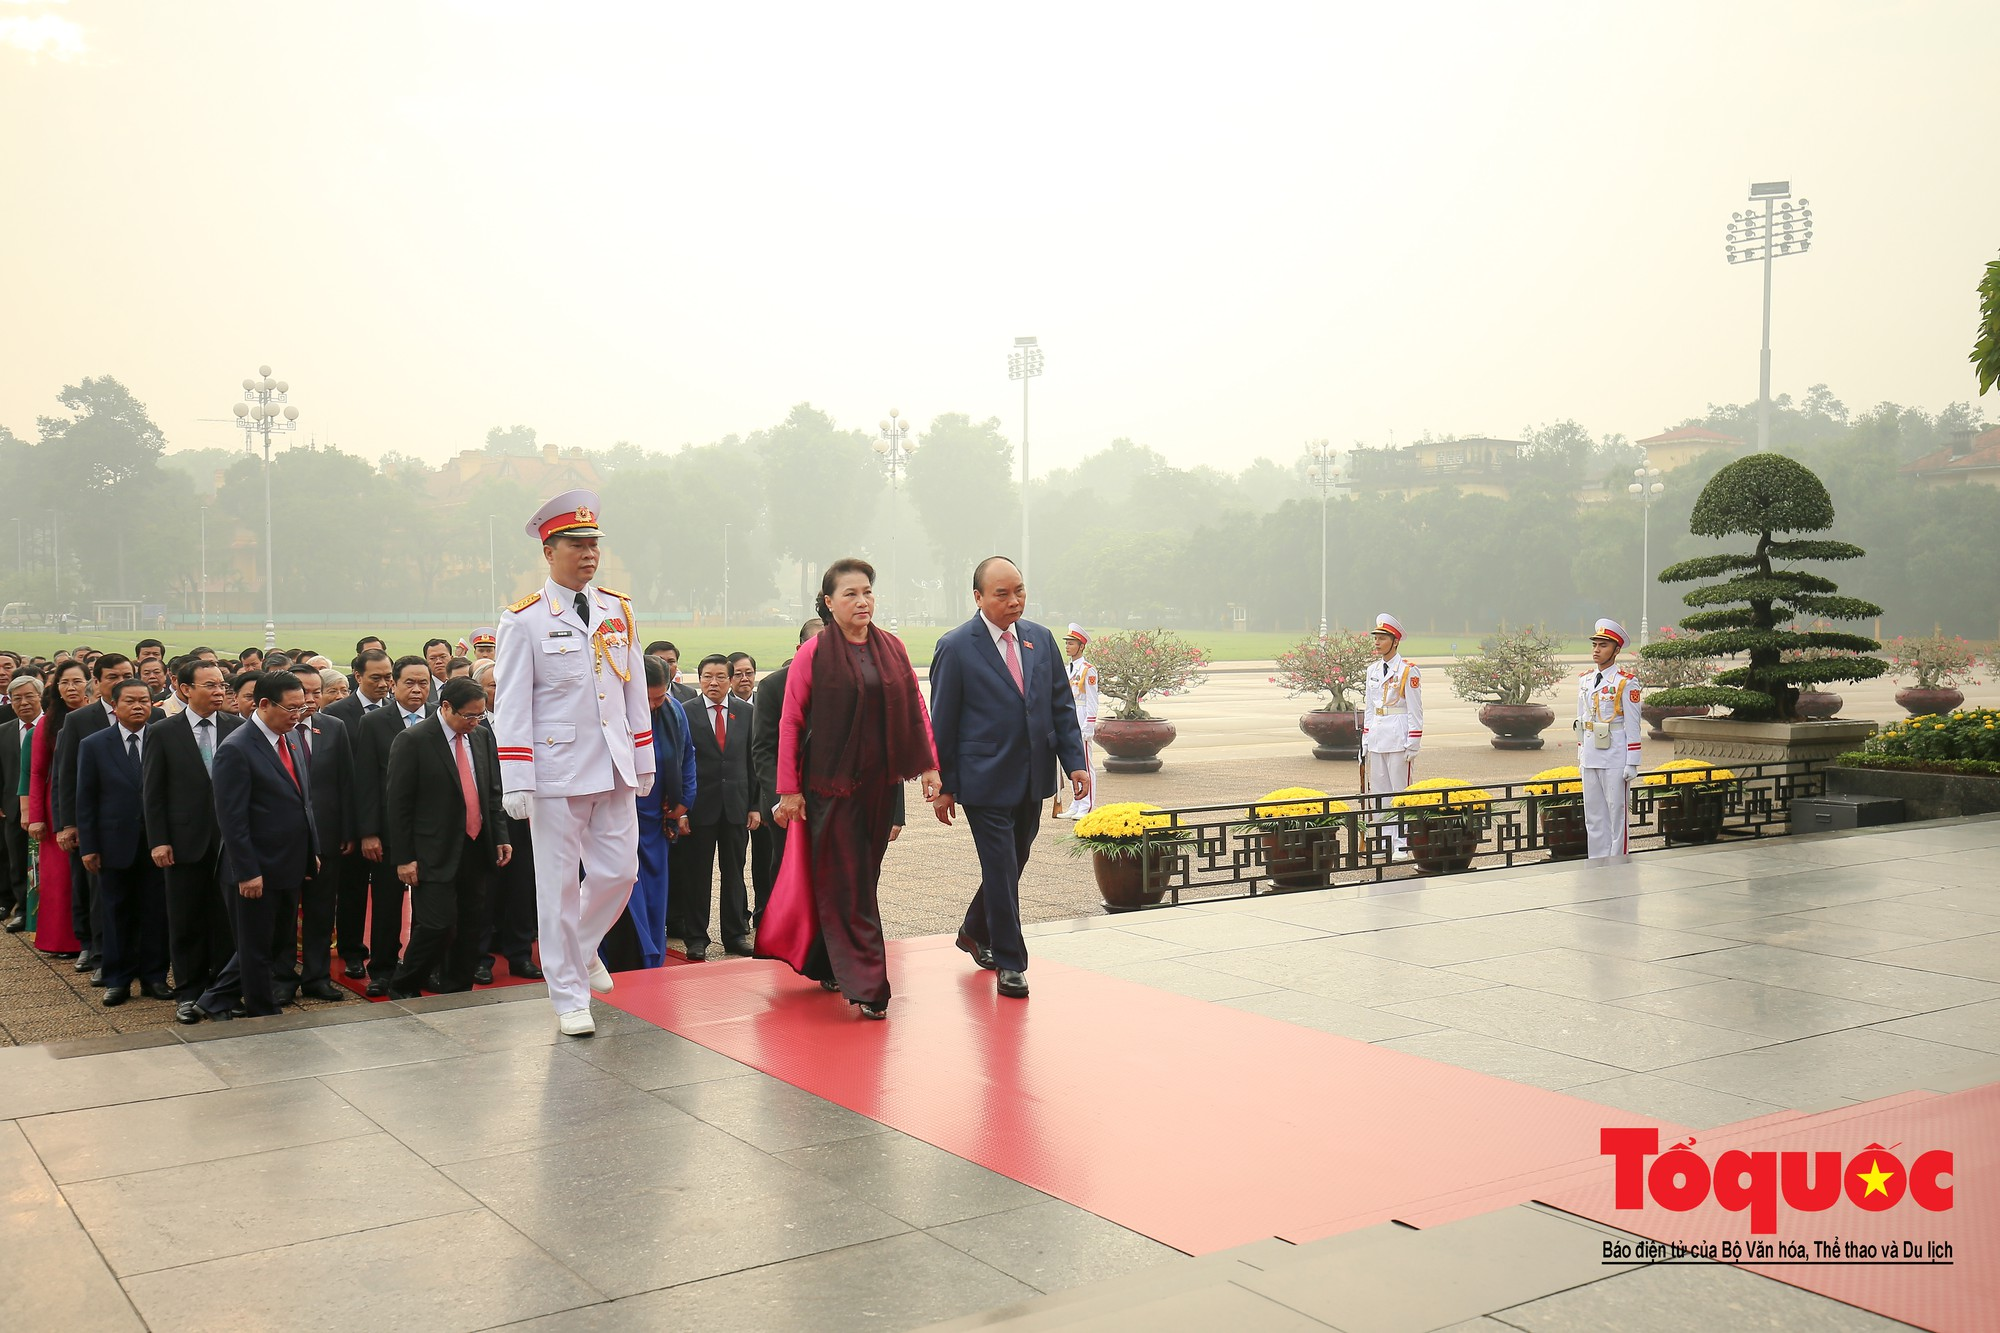 Đại biểu QH viếng Chủ tịch Hồ Chí Minh ngày khai mạc kỳ họp thứ 86